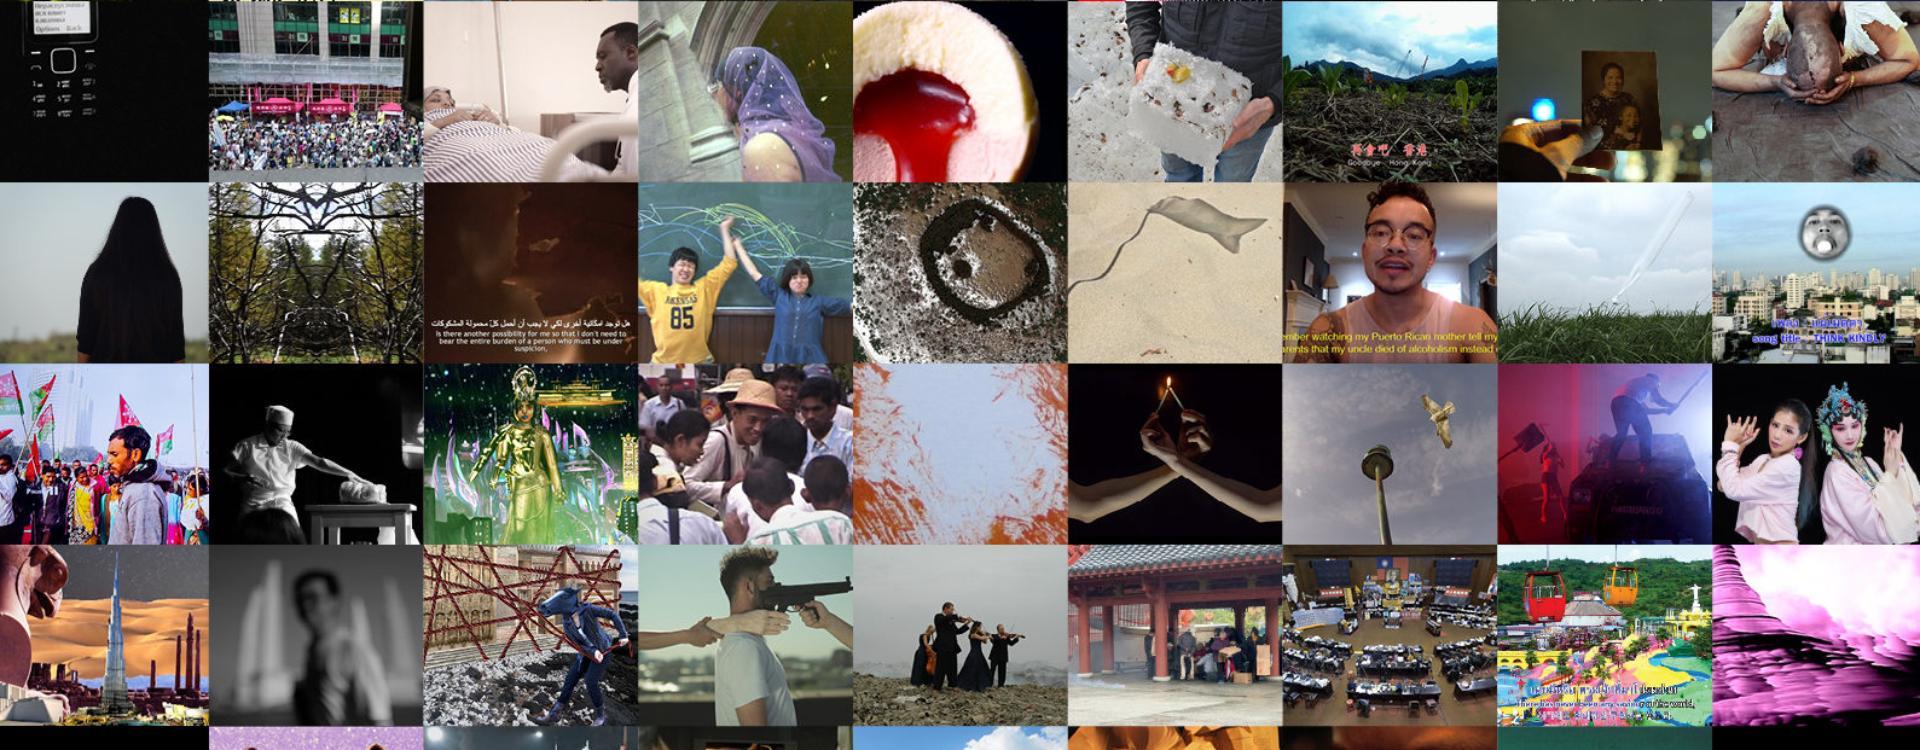 舊金山亞洲藝術博物館「希望之後:反抗的錄像群展」正式開展「另開新視窗」